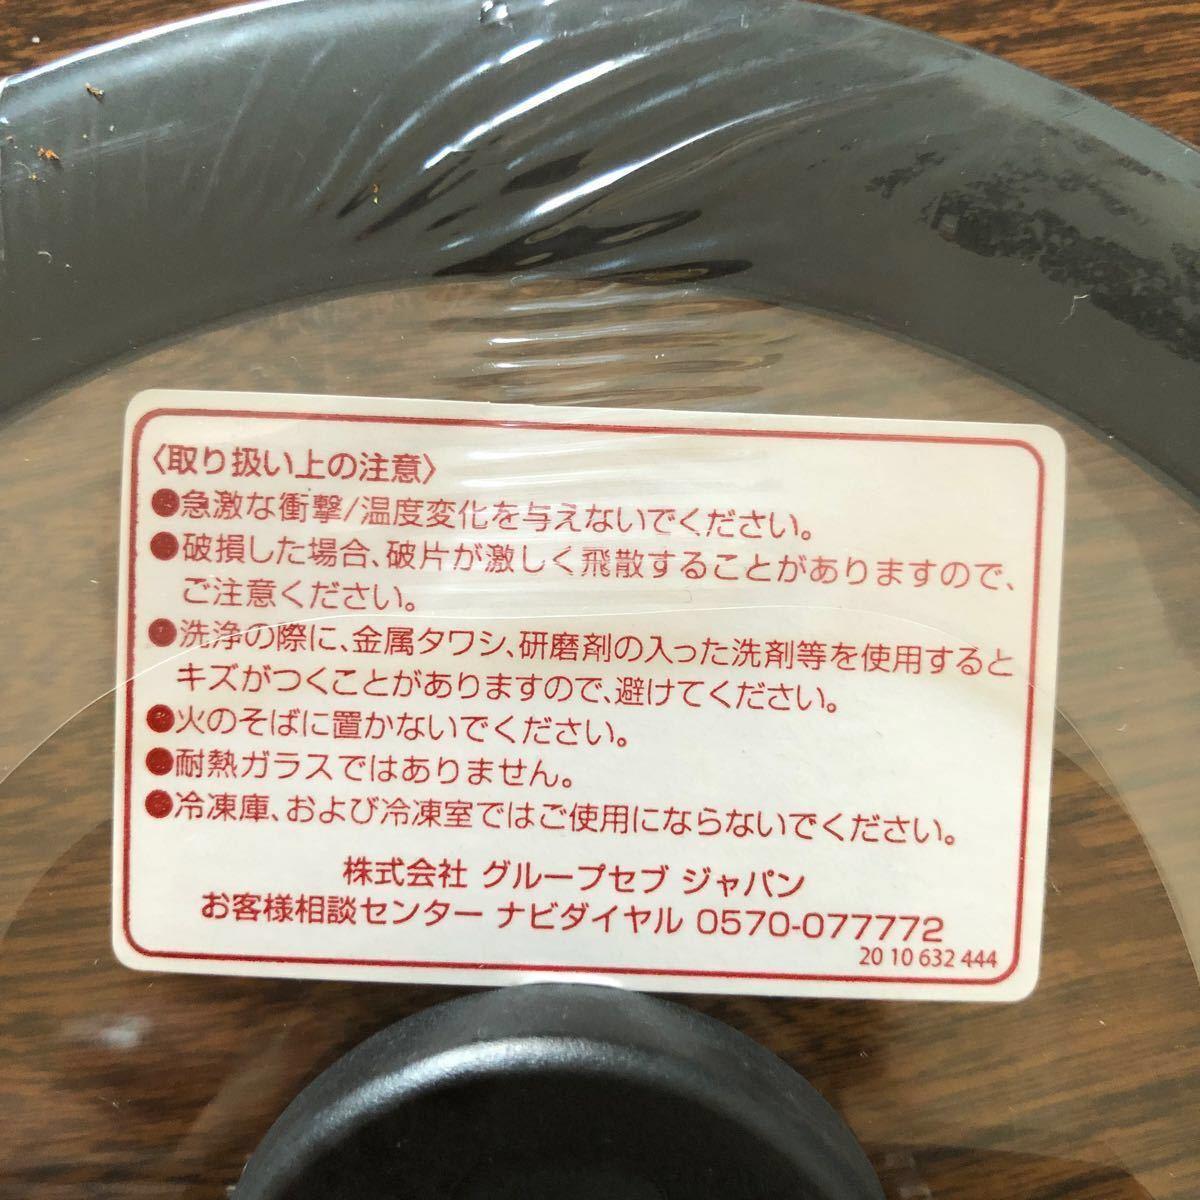 ティファール T-fal 16センチ 蓋セット バタフライガラス蓋 シールリッド